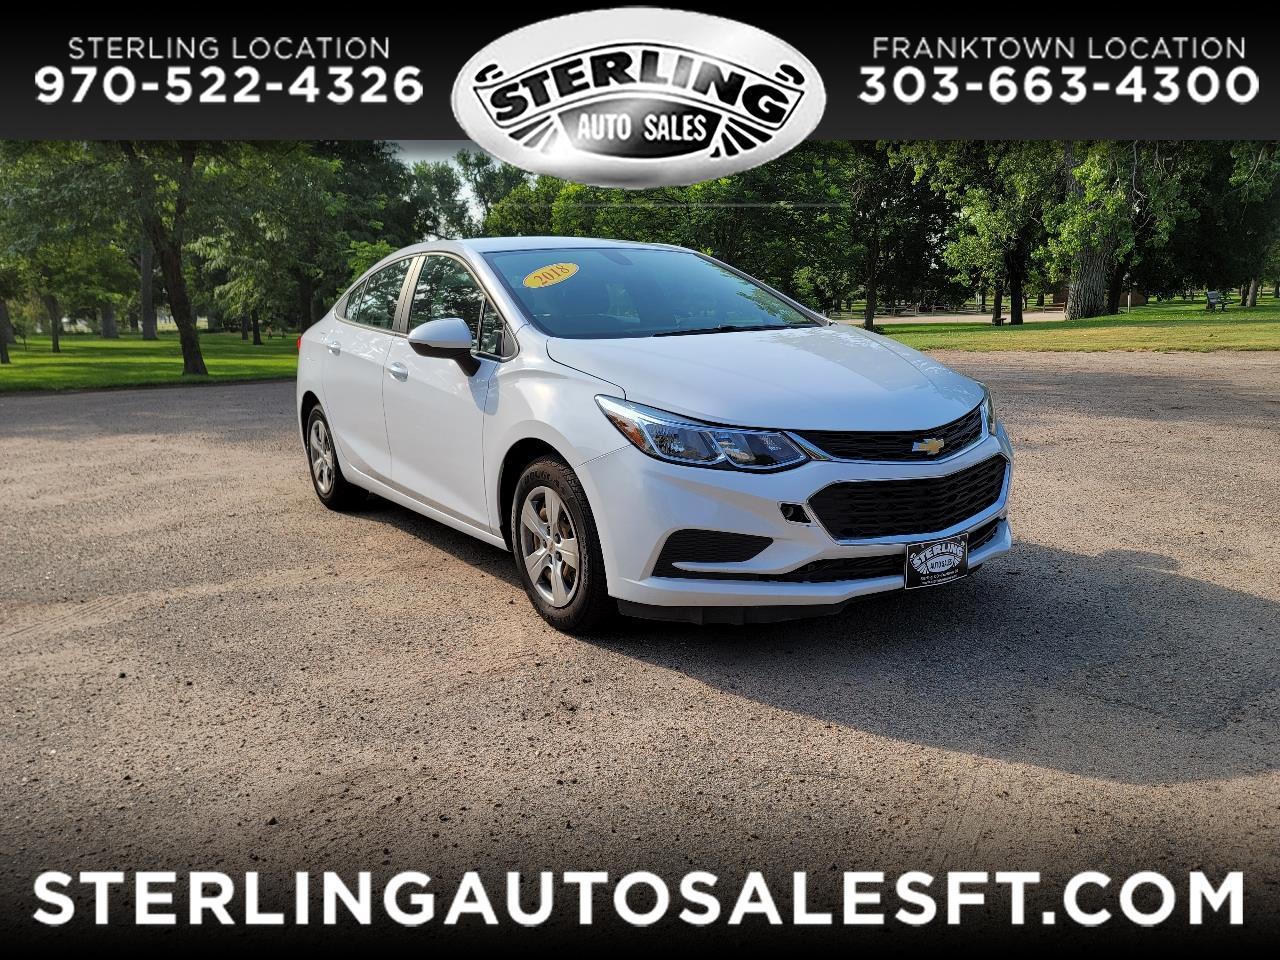 Chevrolet Cruze 4dr Sdn 1.4L LS w/1SB 2018